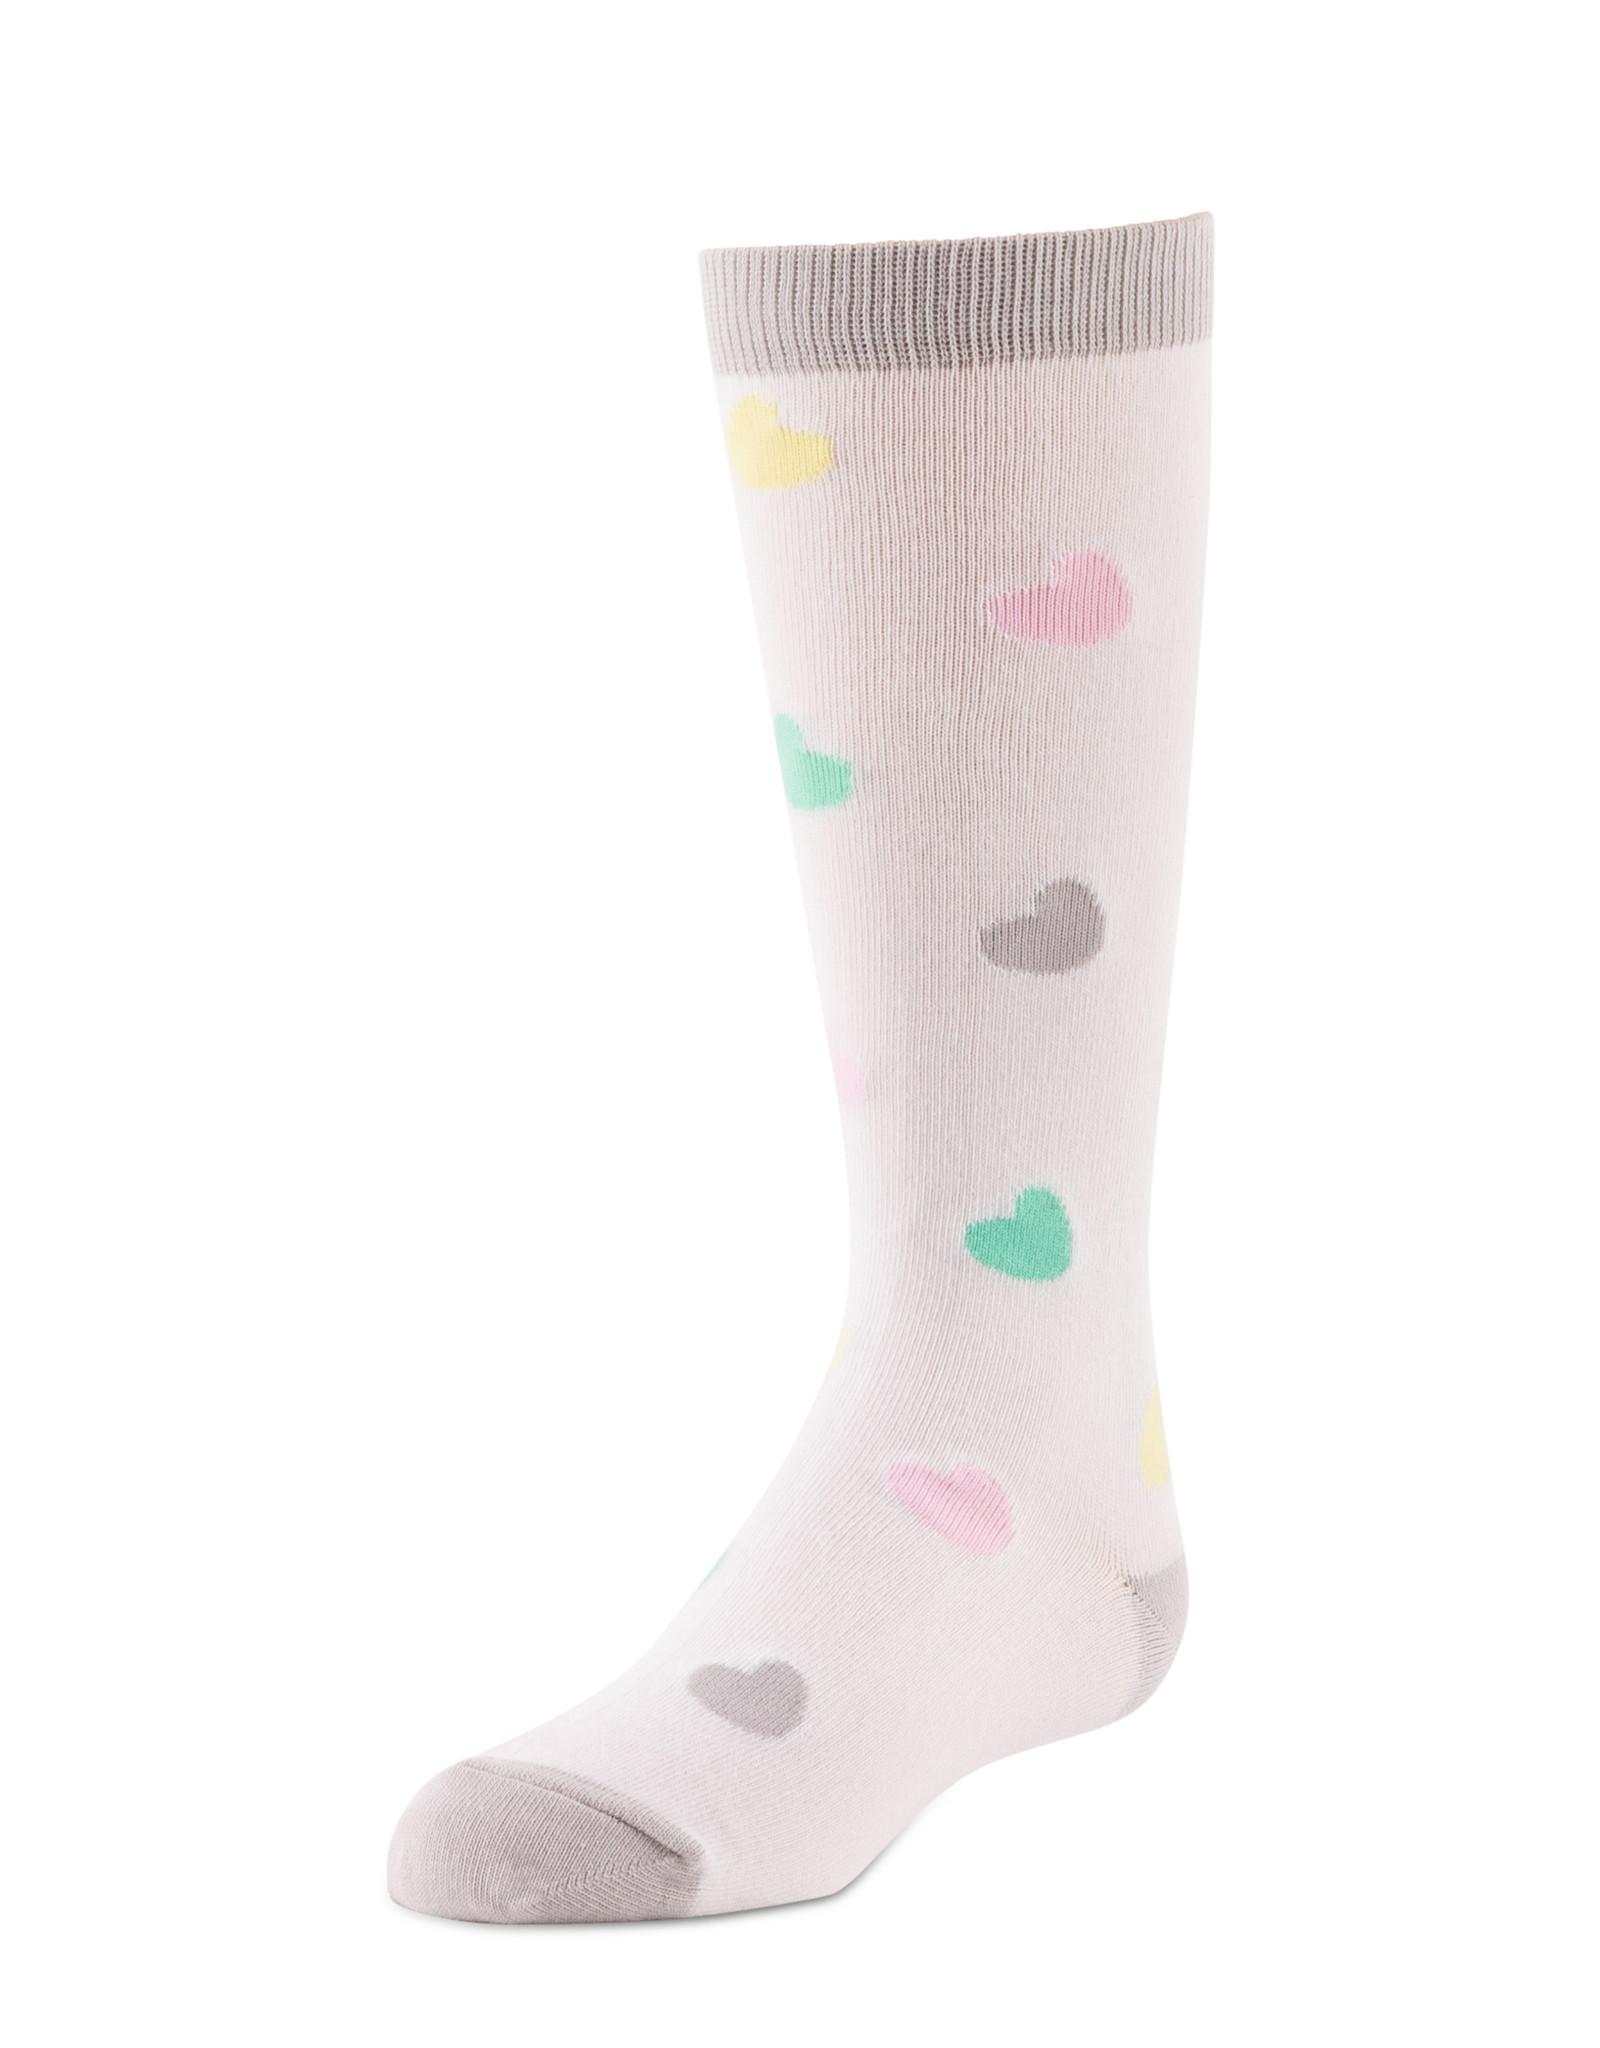 BimBam BimBam Hearts Knee Sock